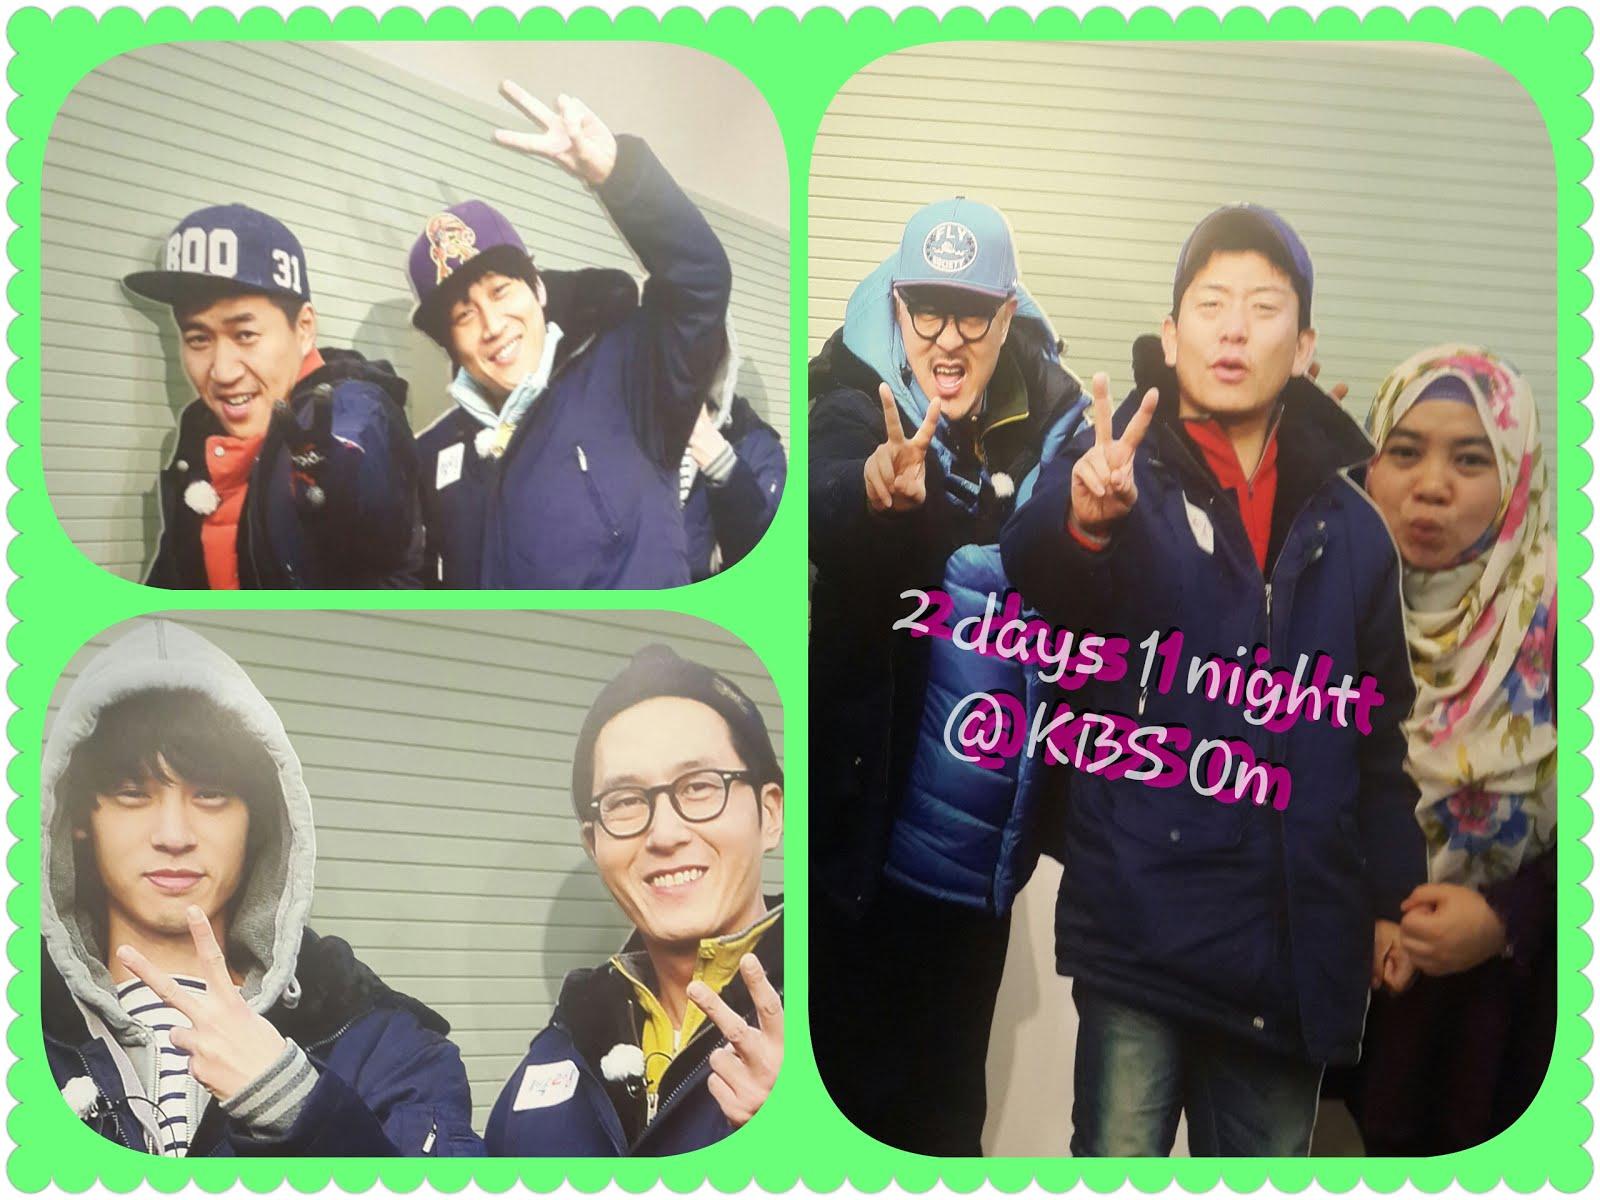 KBS On